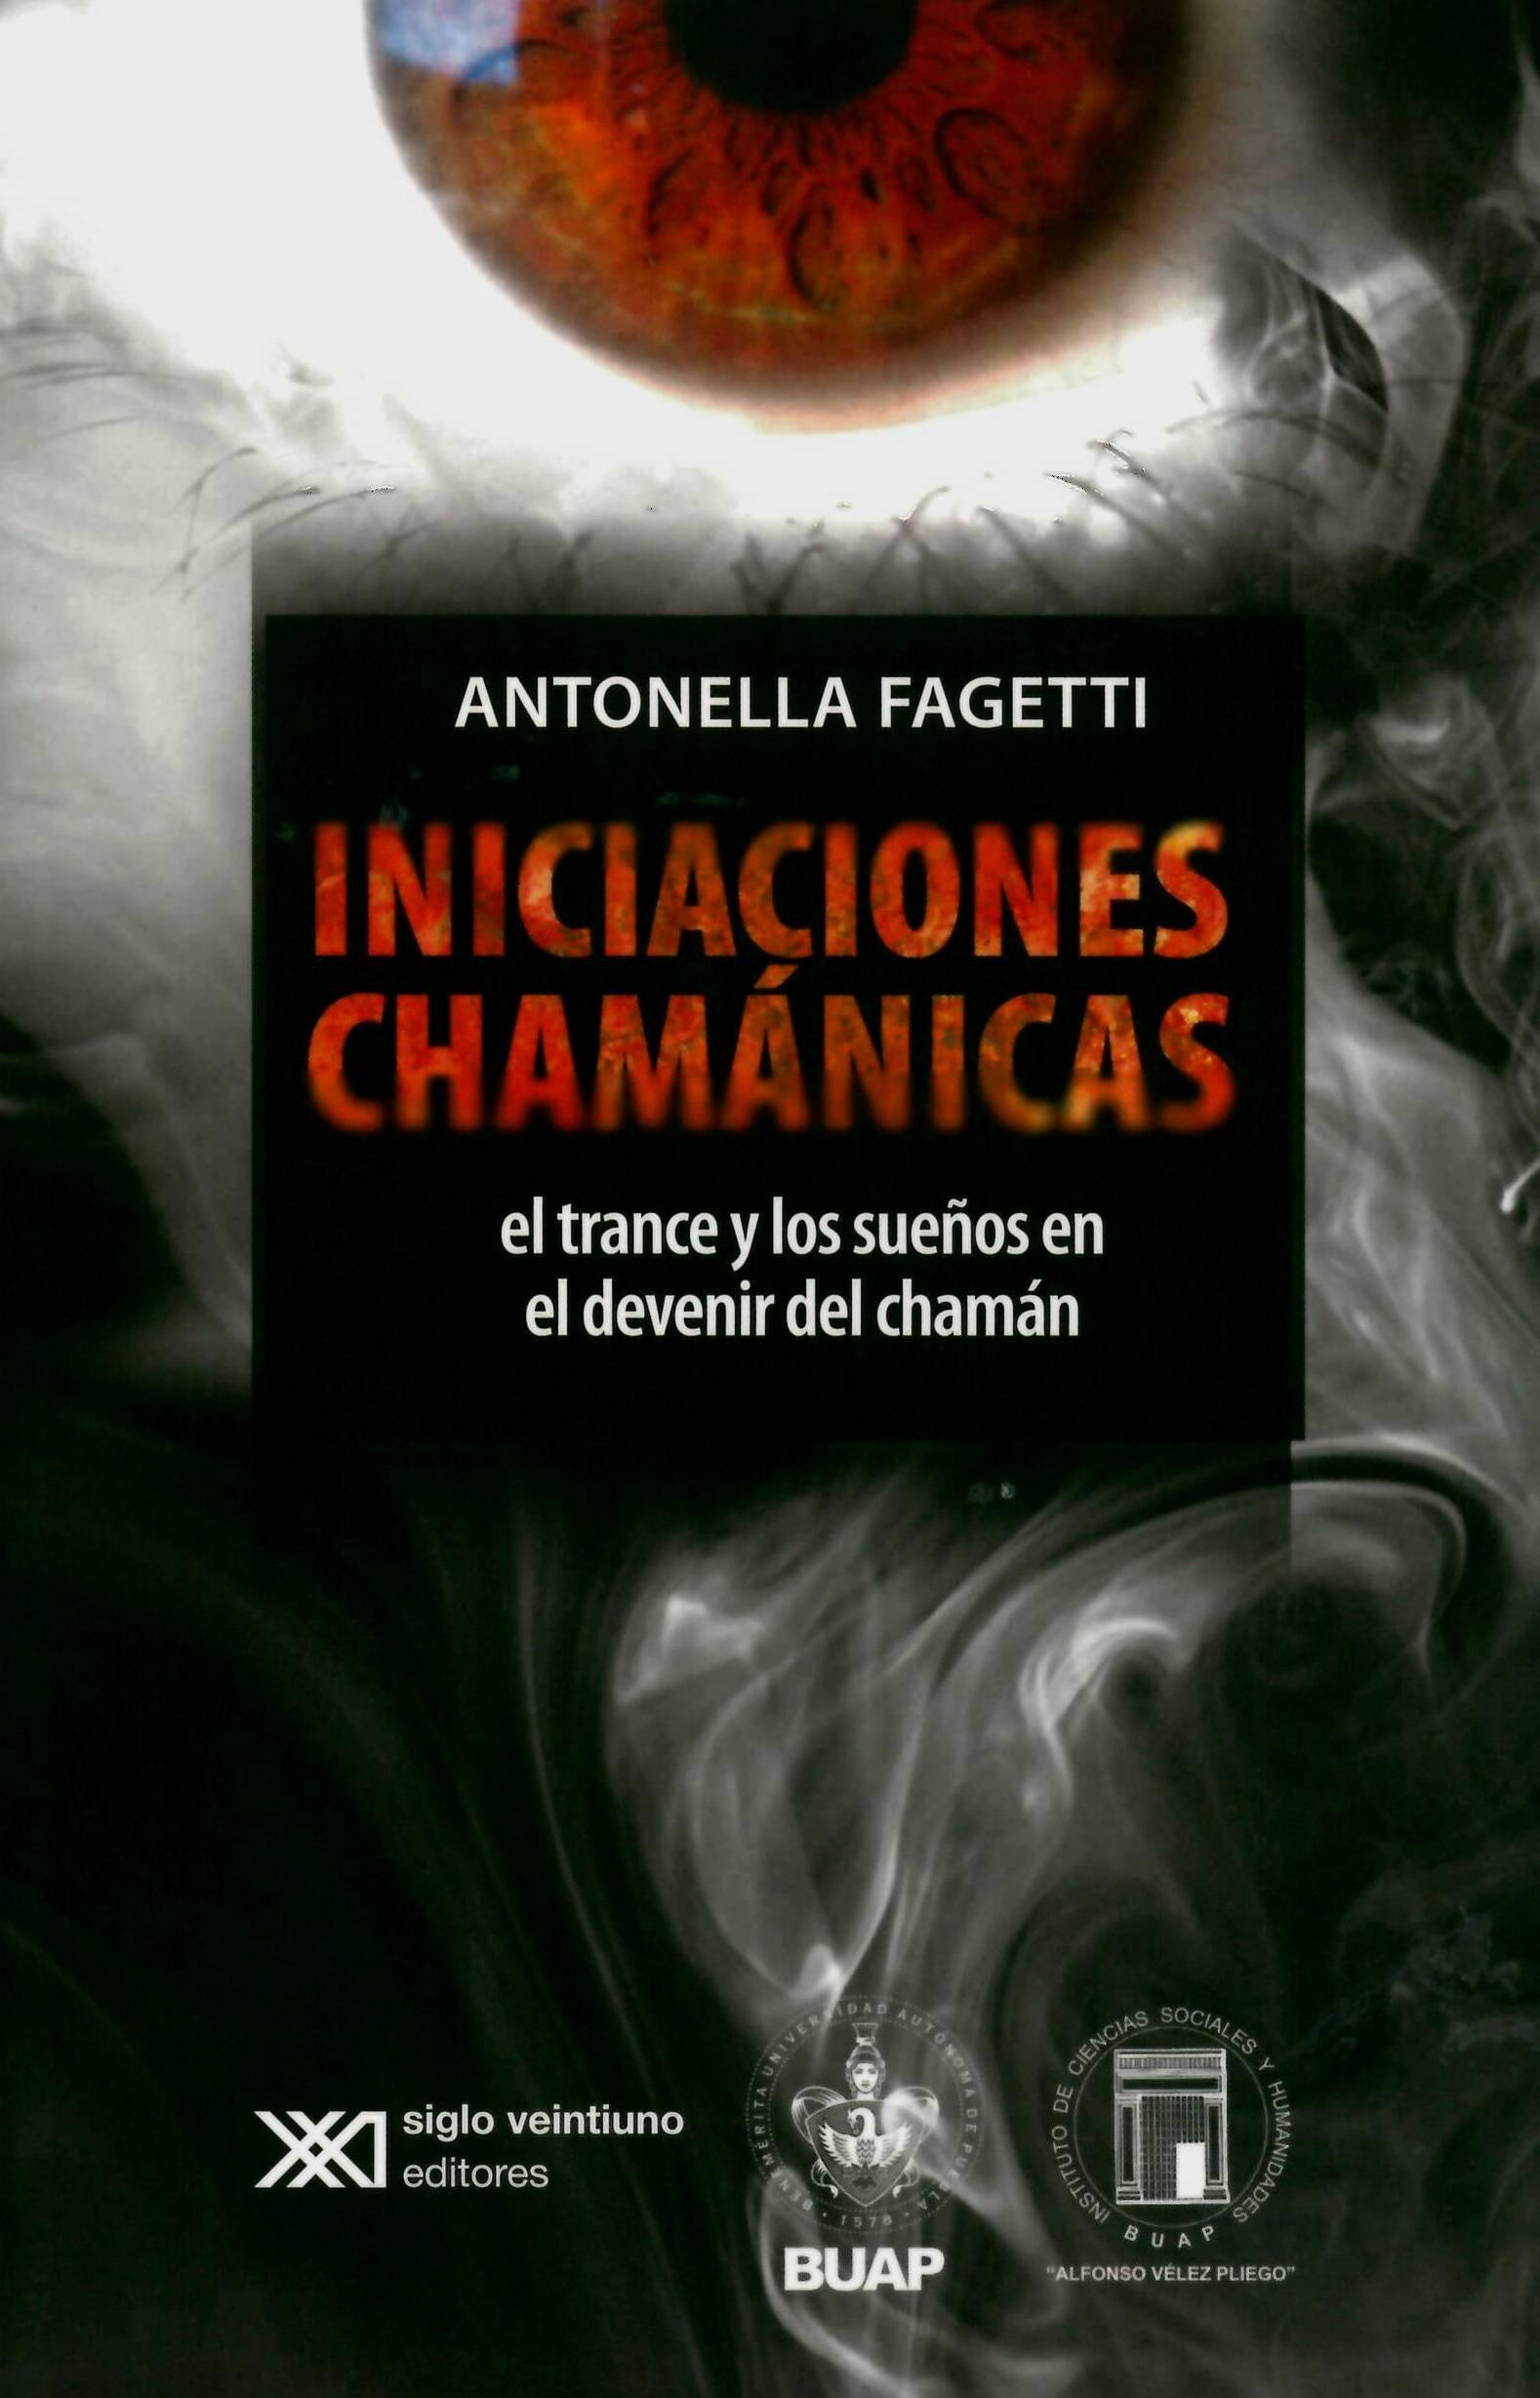 ANTONELLA FAGETTI EBOOK